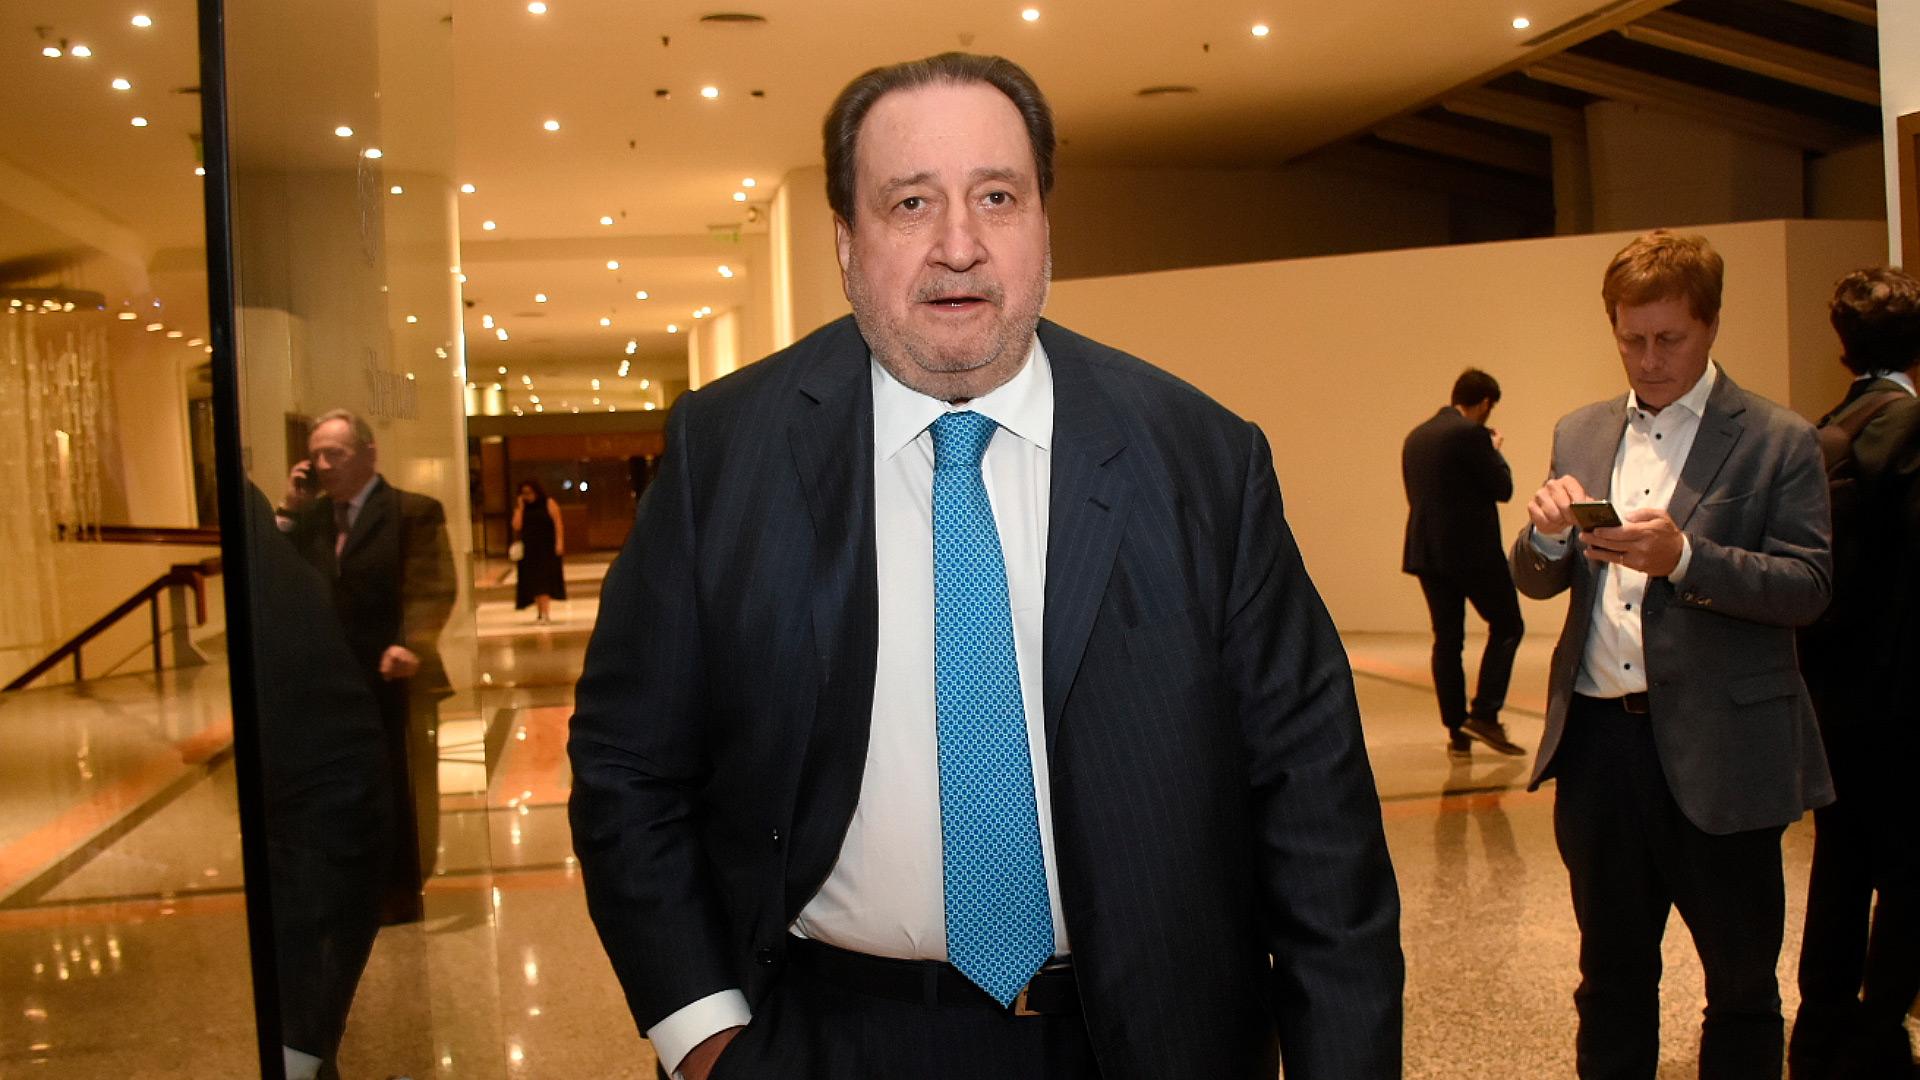 León Arslanian, ex ministro de Seguridad de la provincia de Buenos Aires